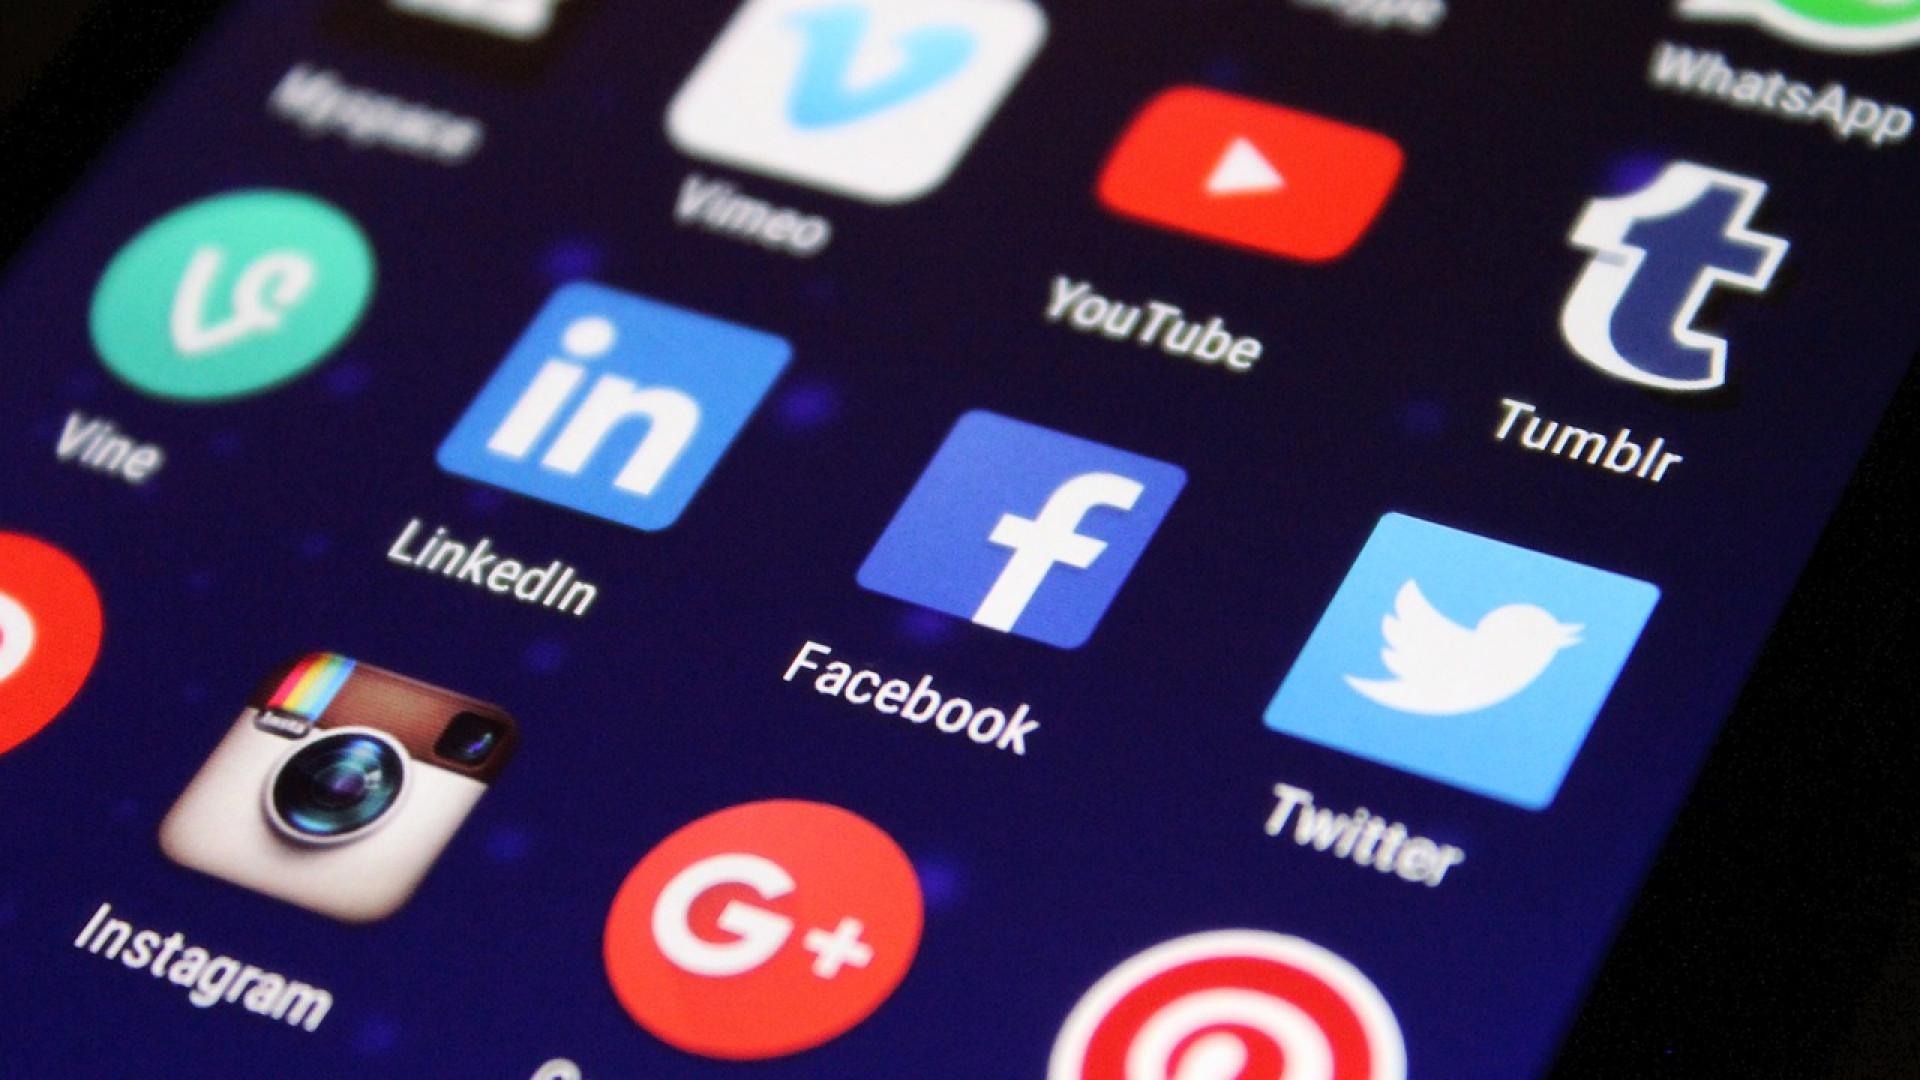 Booster votre notoriété en achetant des followers, des likes et des vues